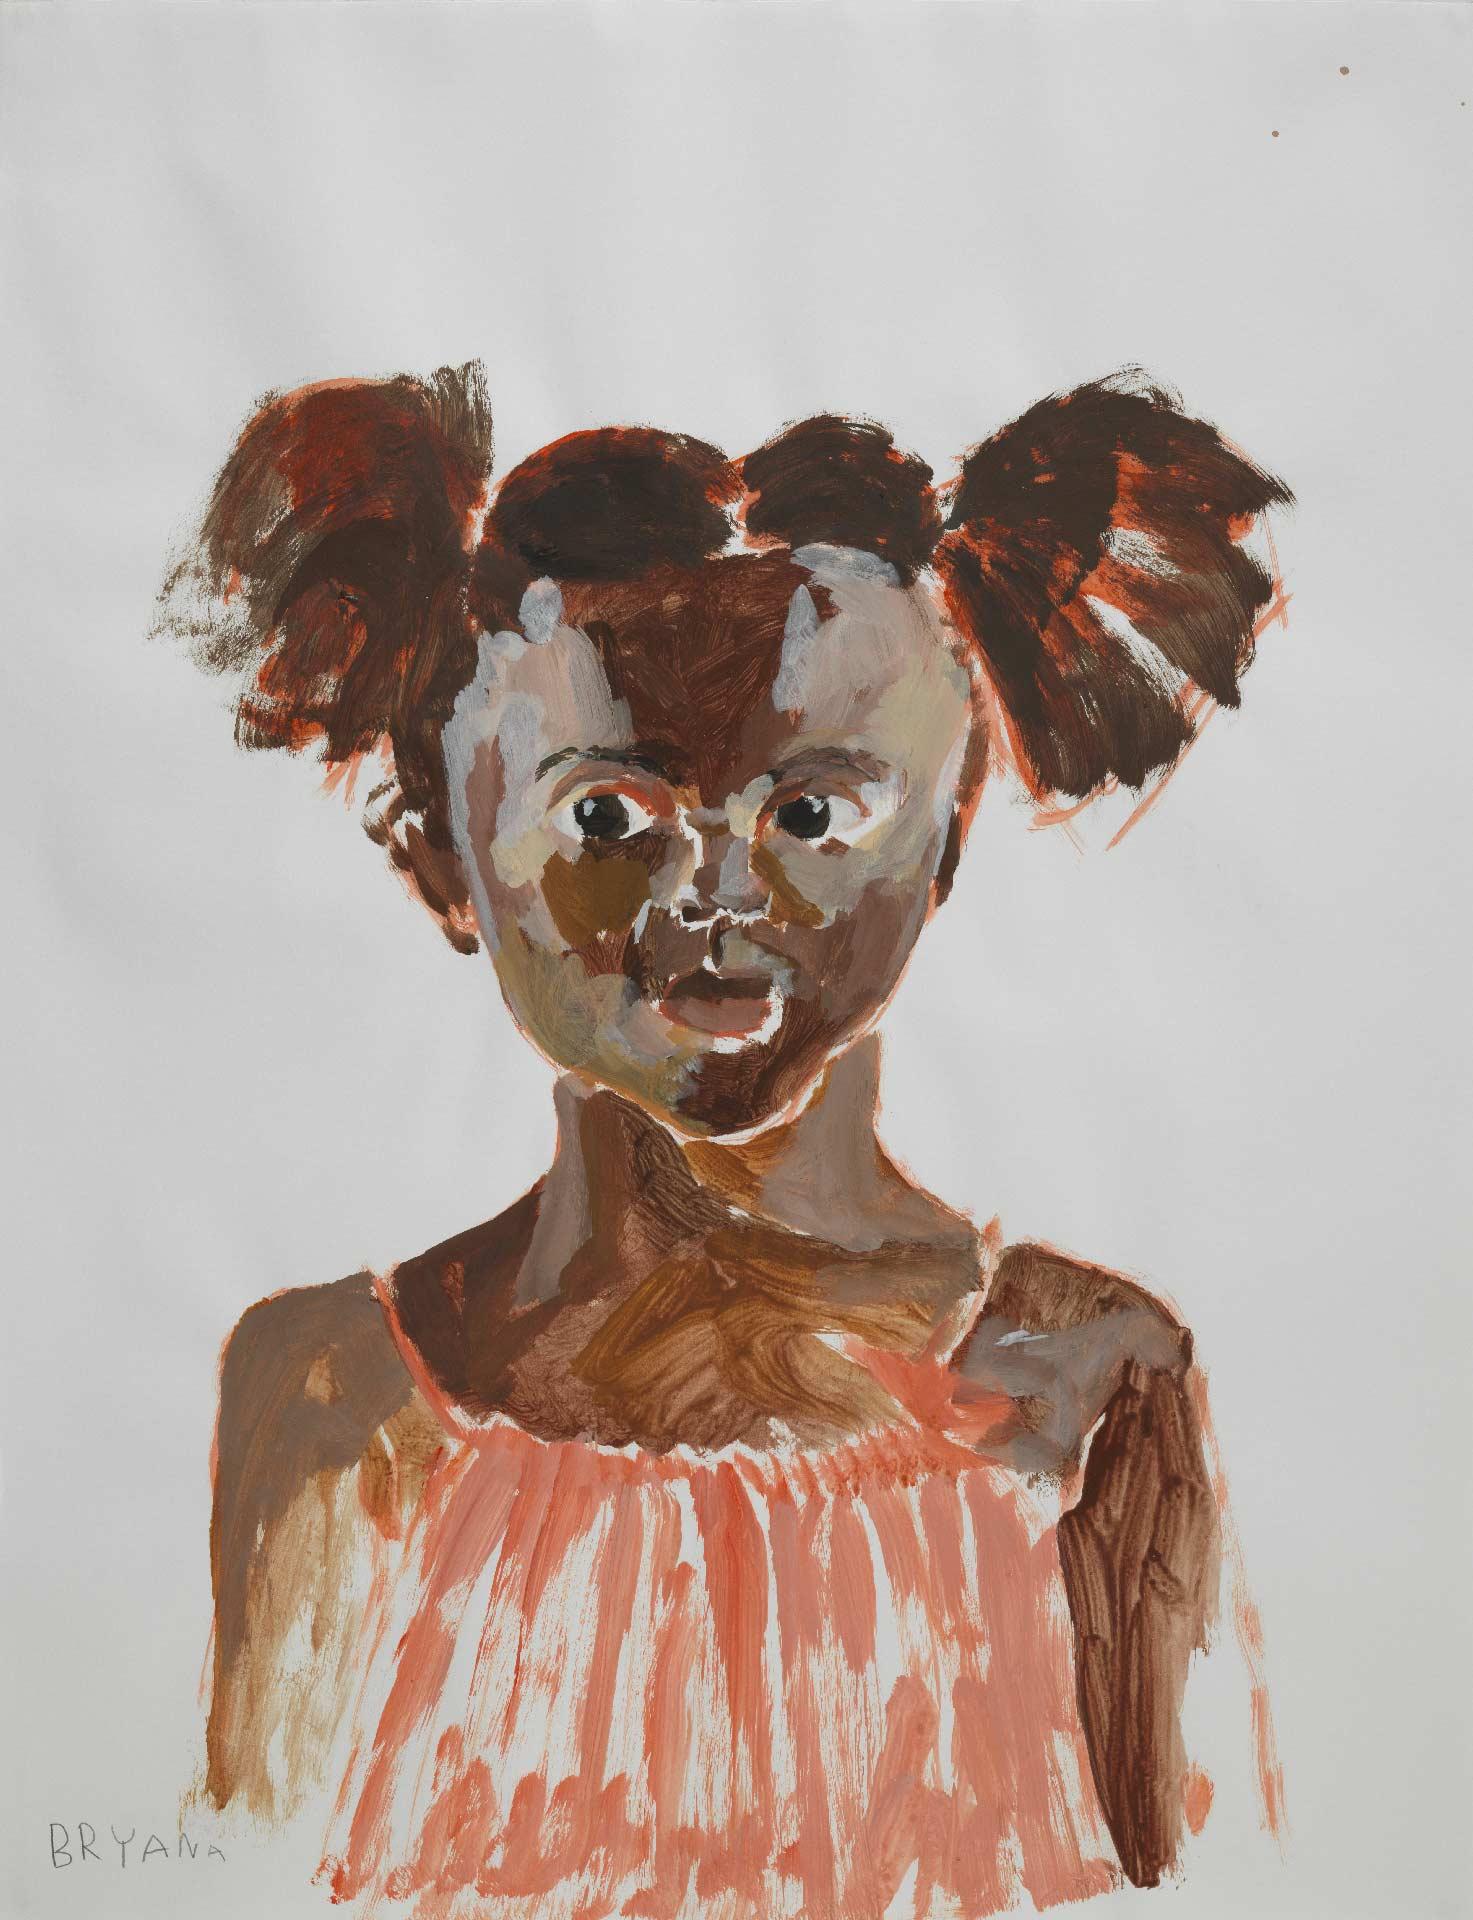 Bryana,-2014,-acrylique-sur-papier,-65-x-50-cm